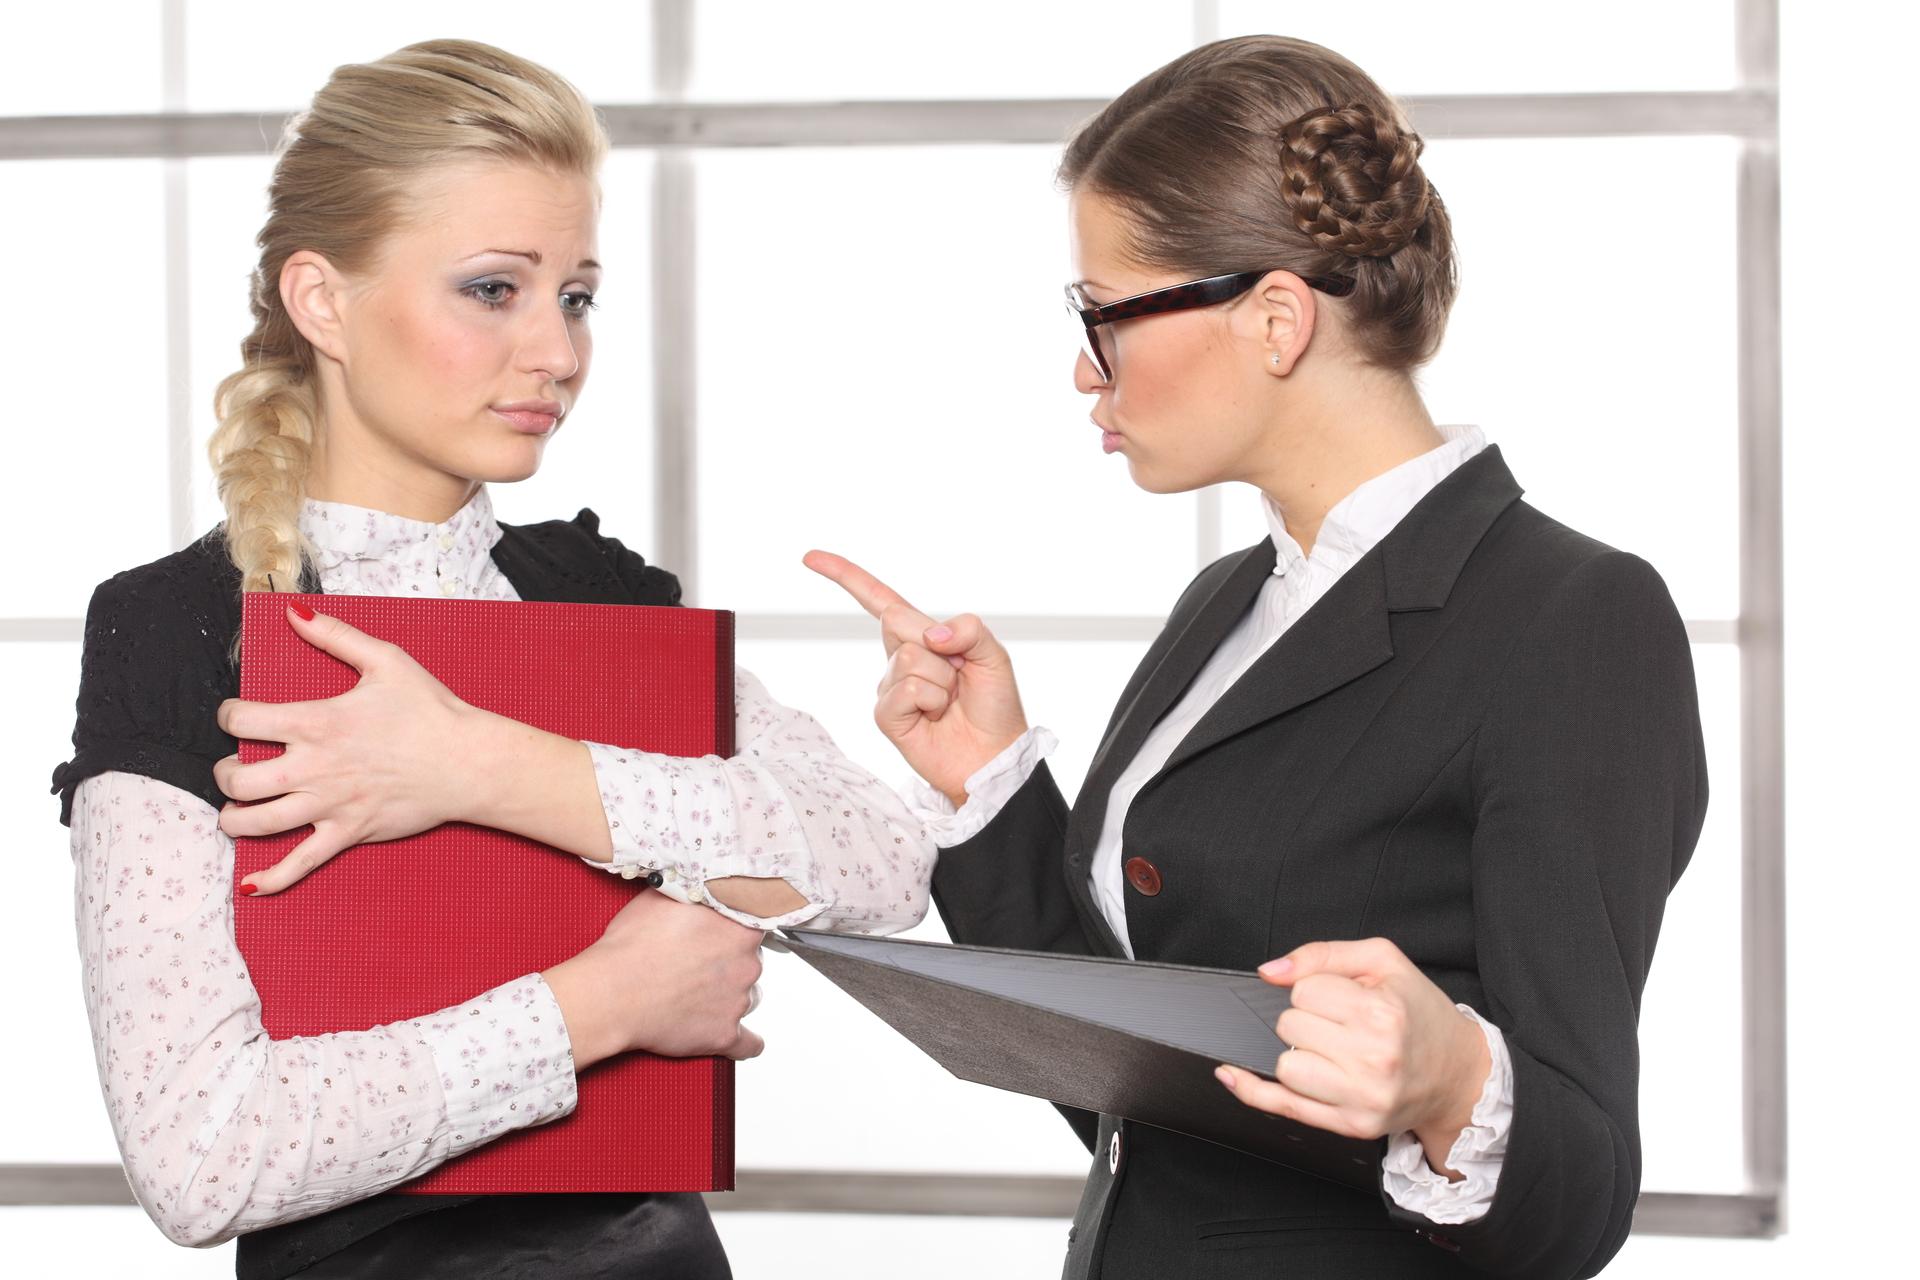 Нарушение трудового законодательства со стороны работодателя